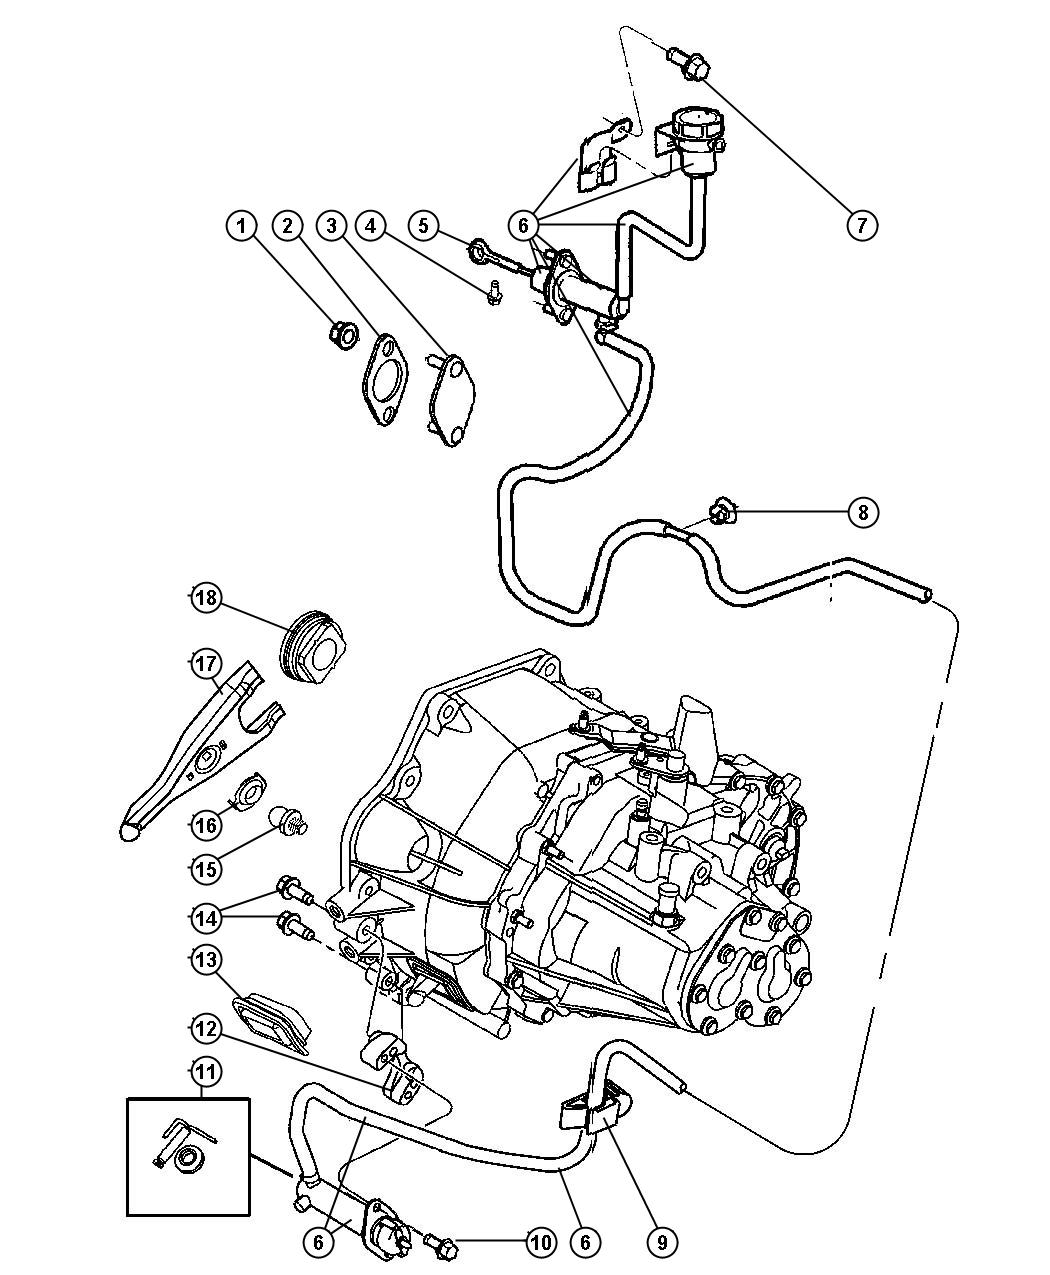 2006 pt cruiser fuse box diagram furthermore 2006 pt cruiser fuse